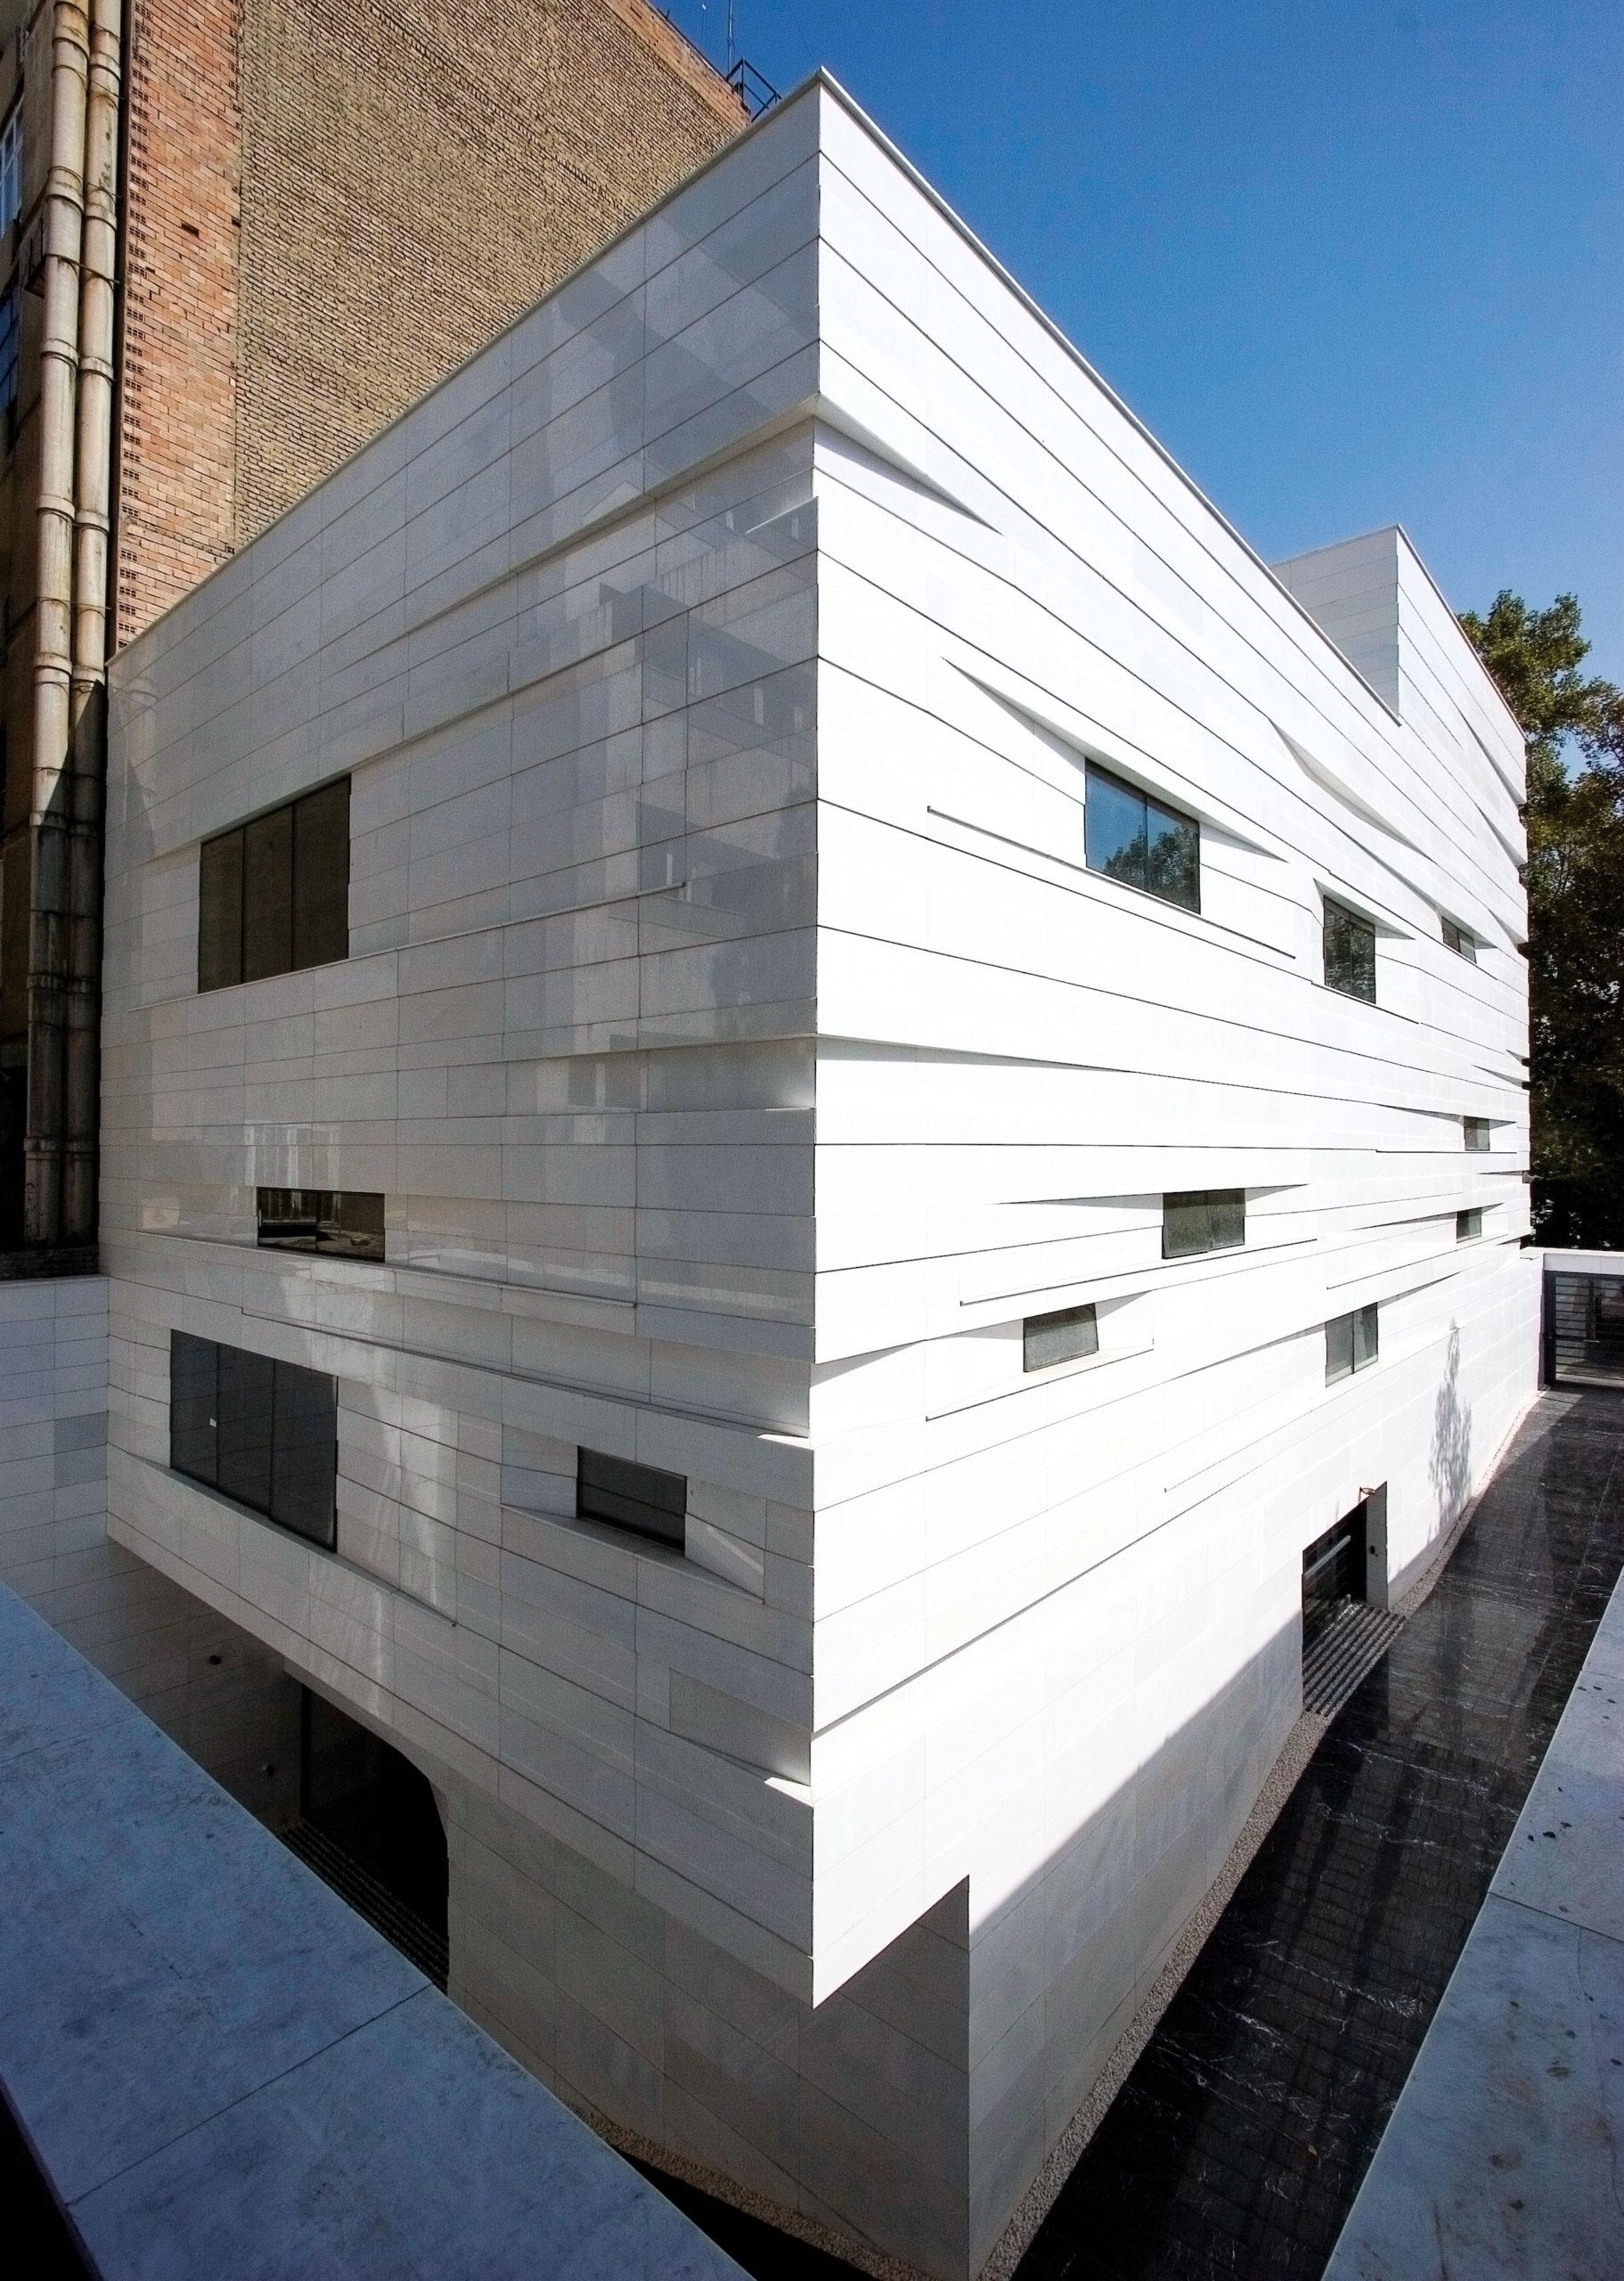 ساختمان اداری ولیعصر (عباس ریاحیفرد و فریناز رضوی نیکو)، 2012